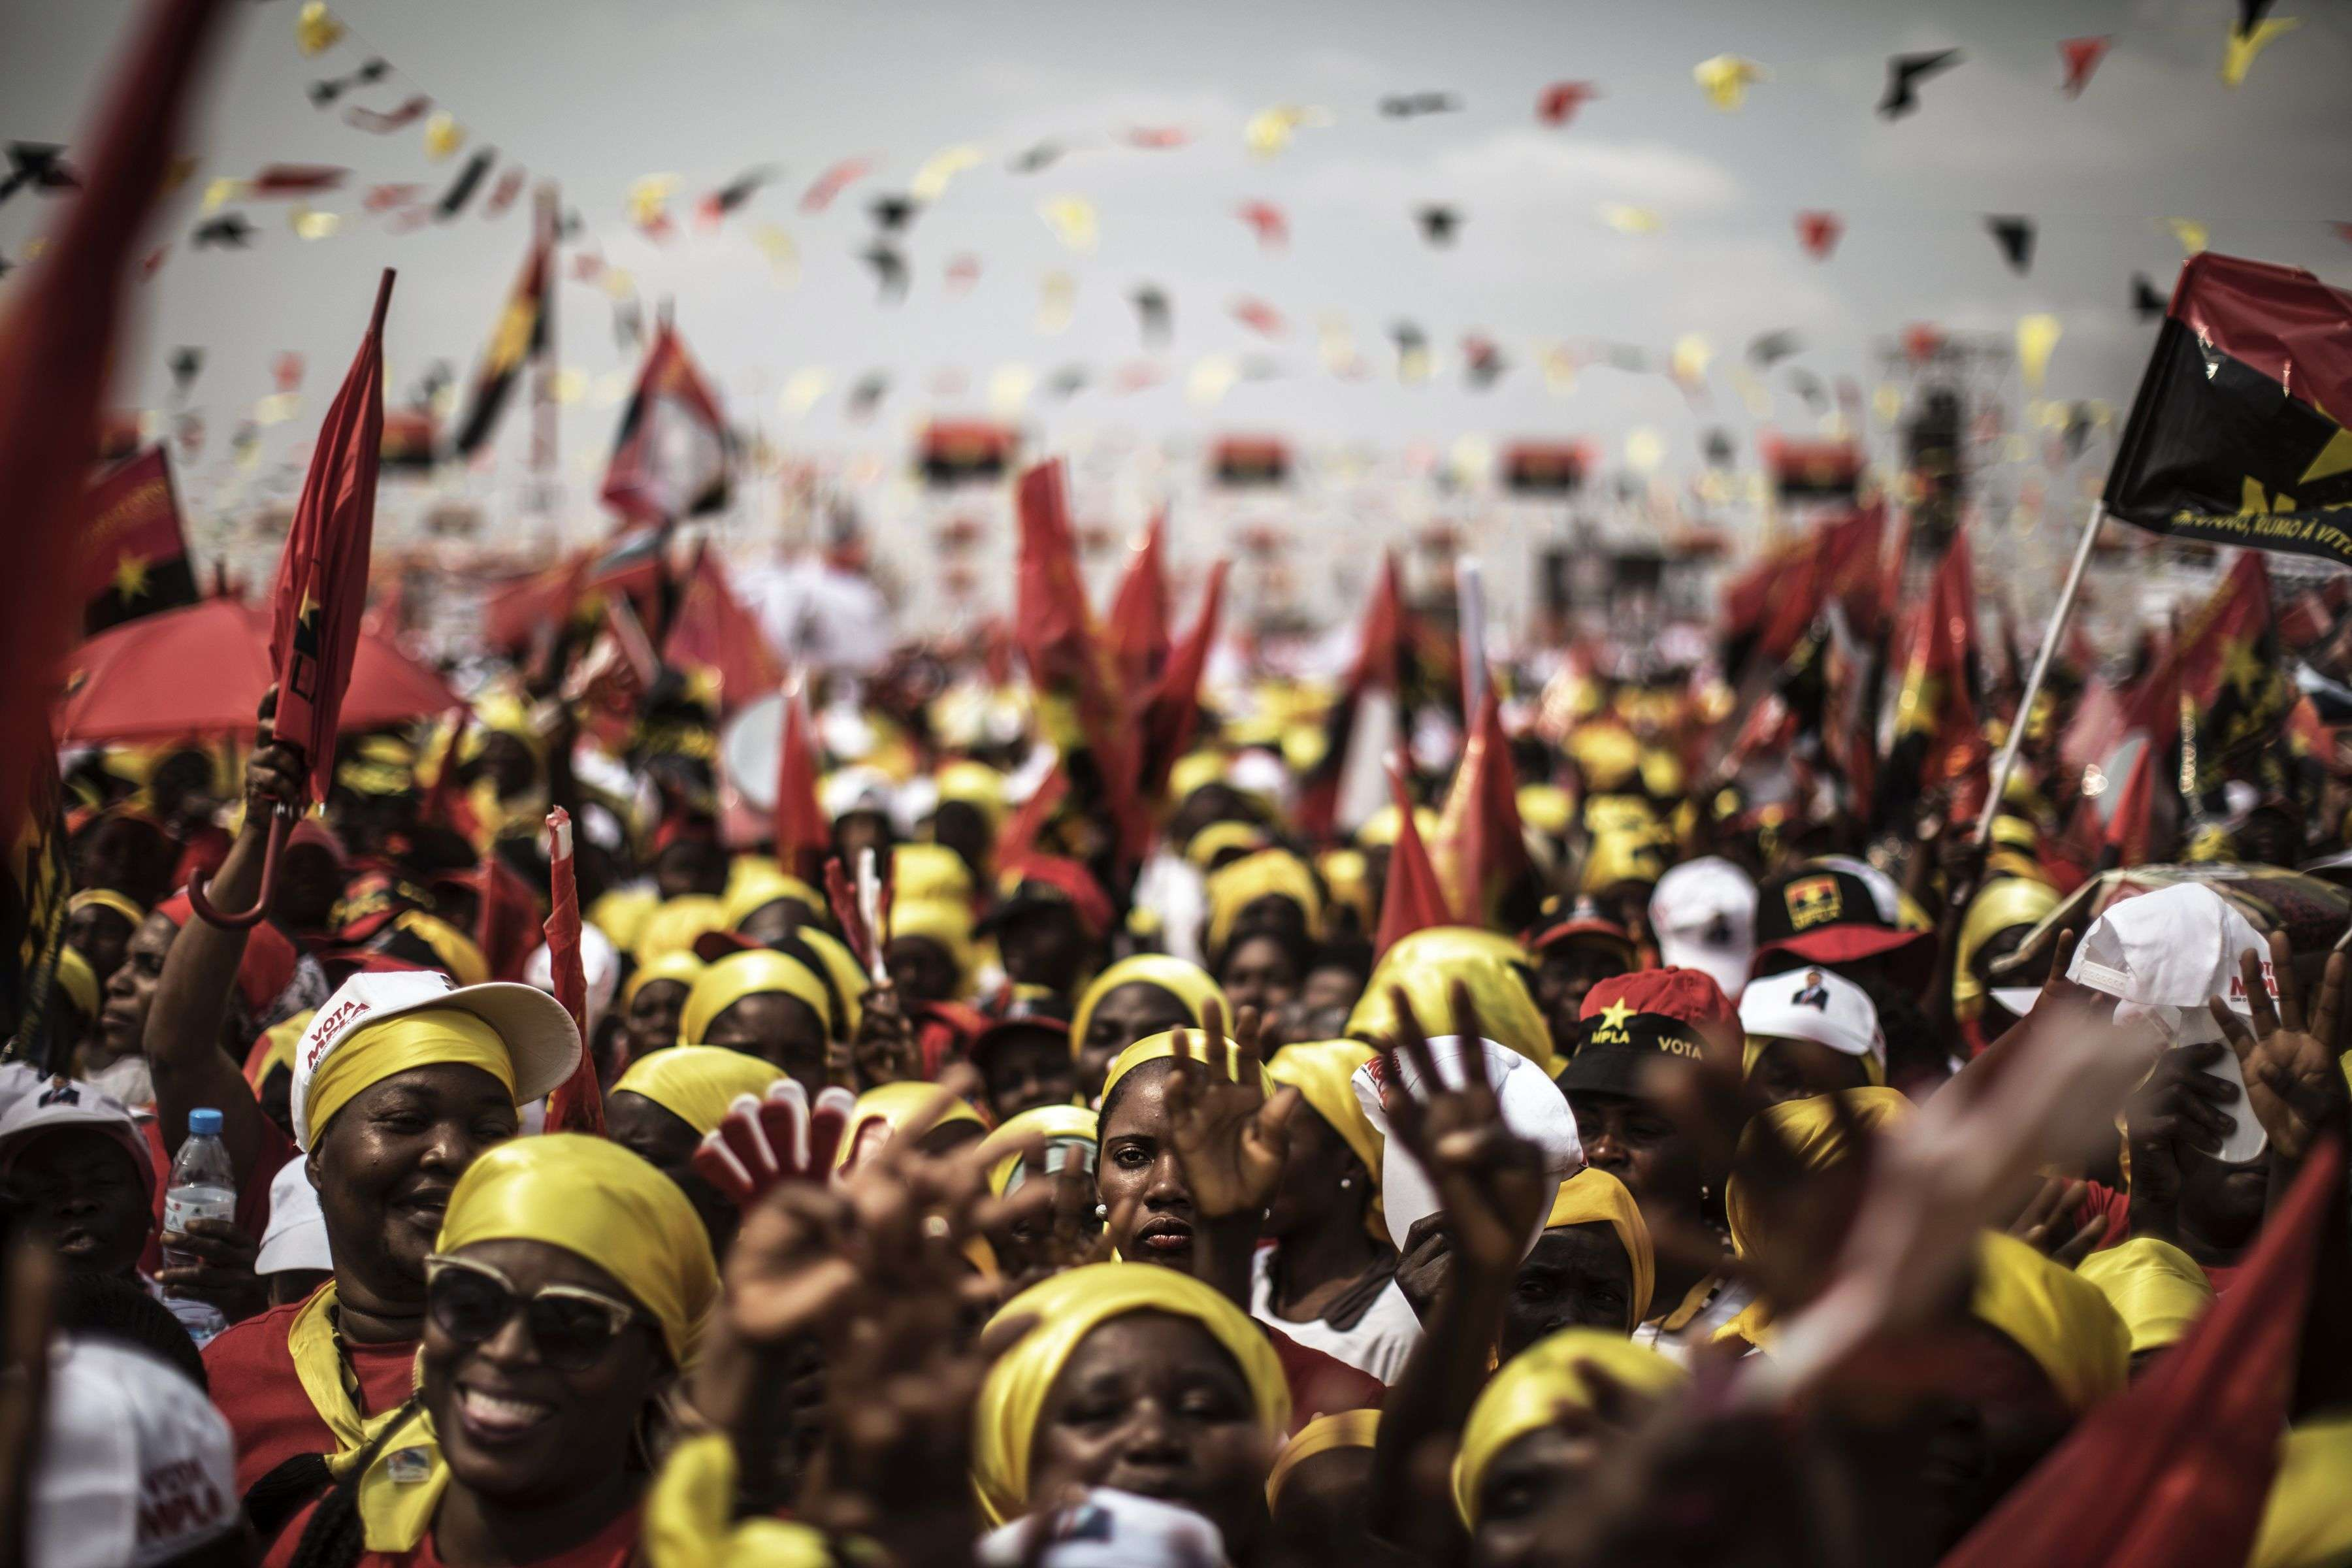 Des supporteurs du favori Joao Lourenço, du MPLA, parti au pouvoir, défilent dans les rues de Luanda le 19 août.« Je vais poursuivre le travail du président camarade Dos Santos pour un futur meilleur», a-t-il déclaré.